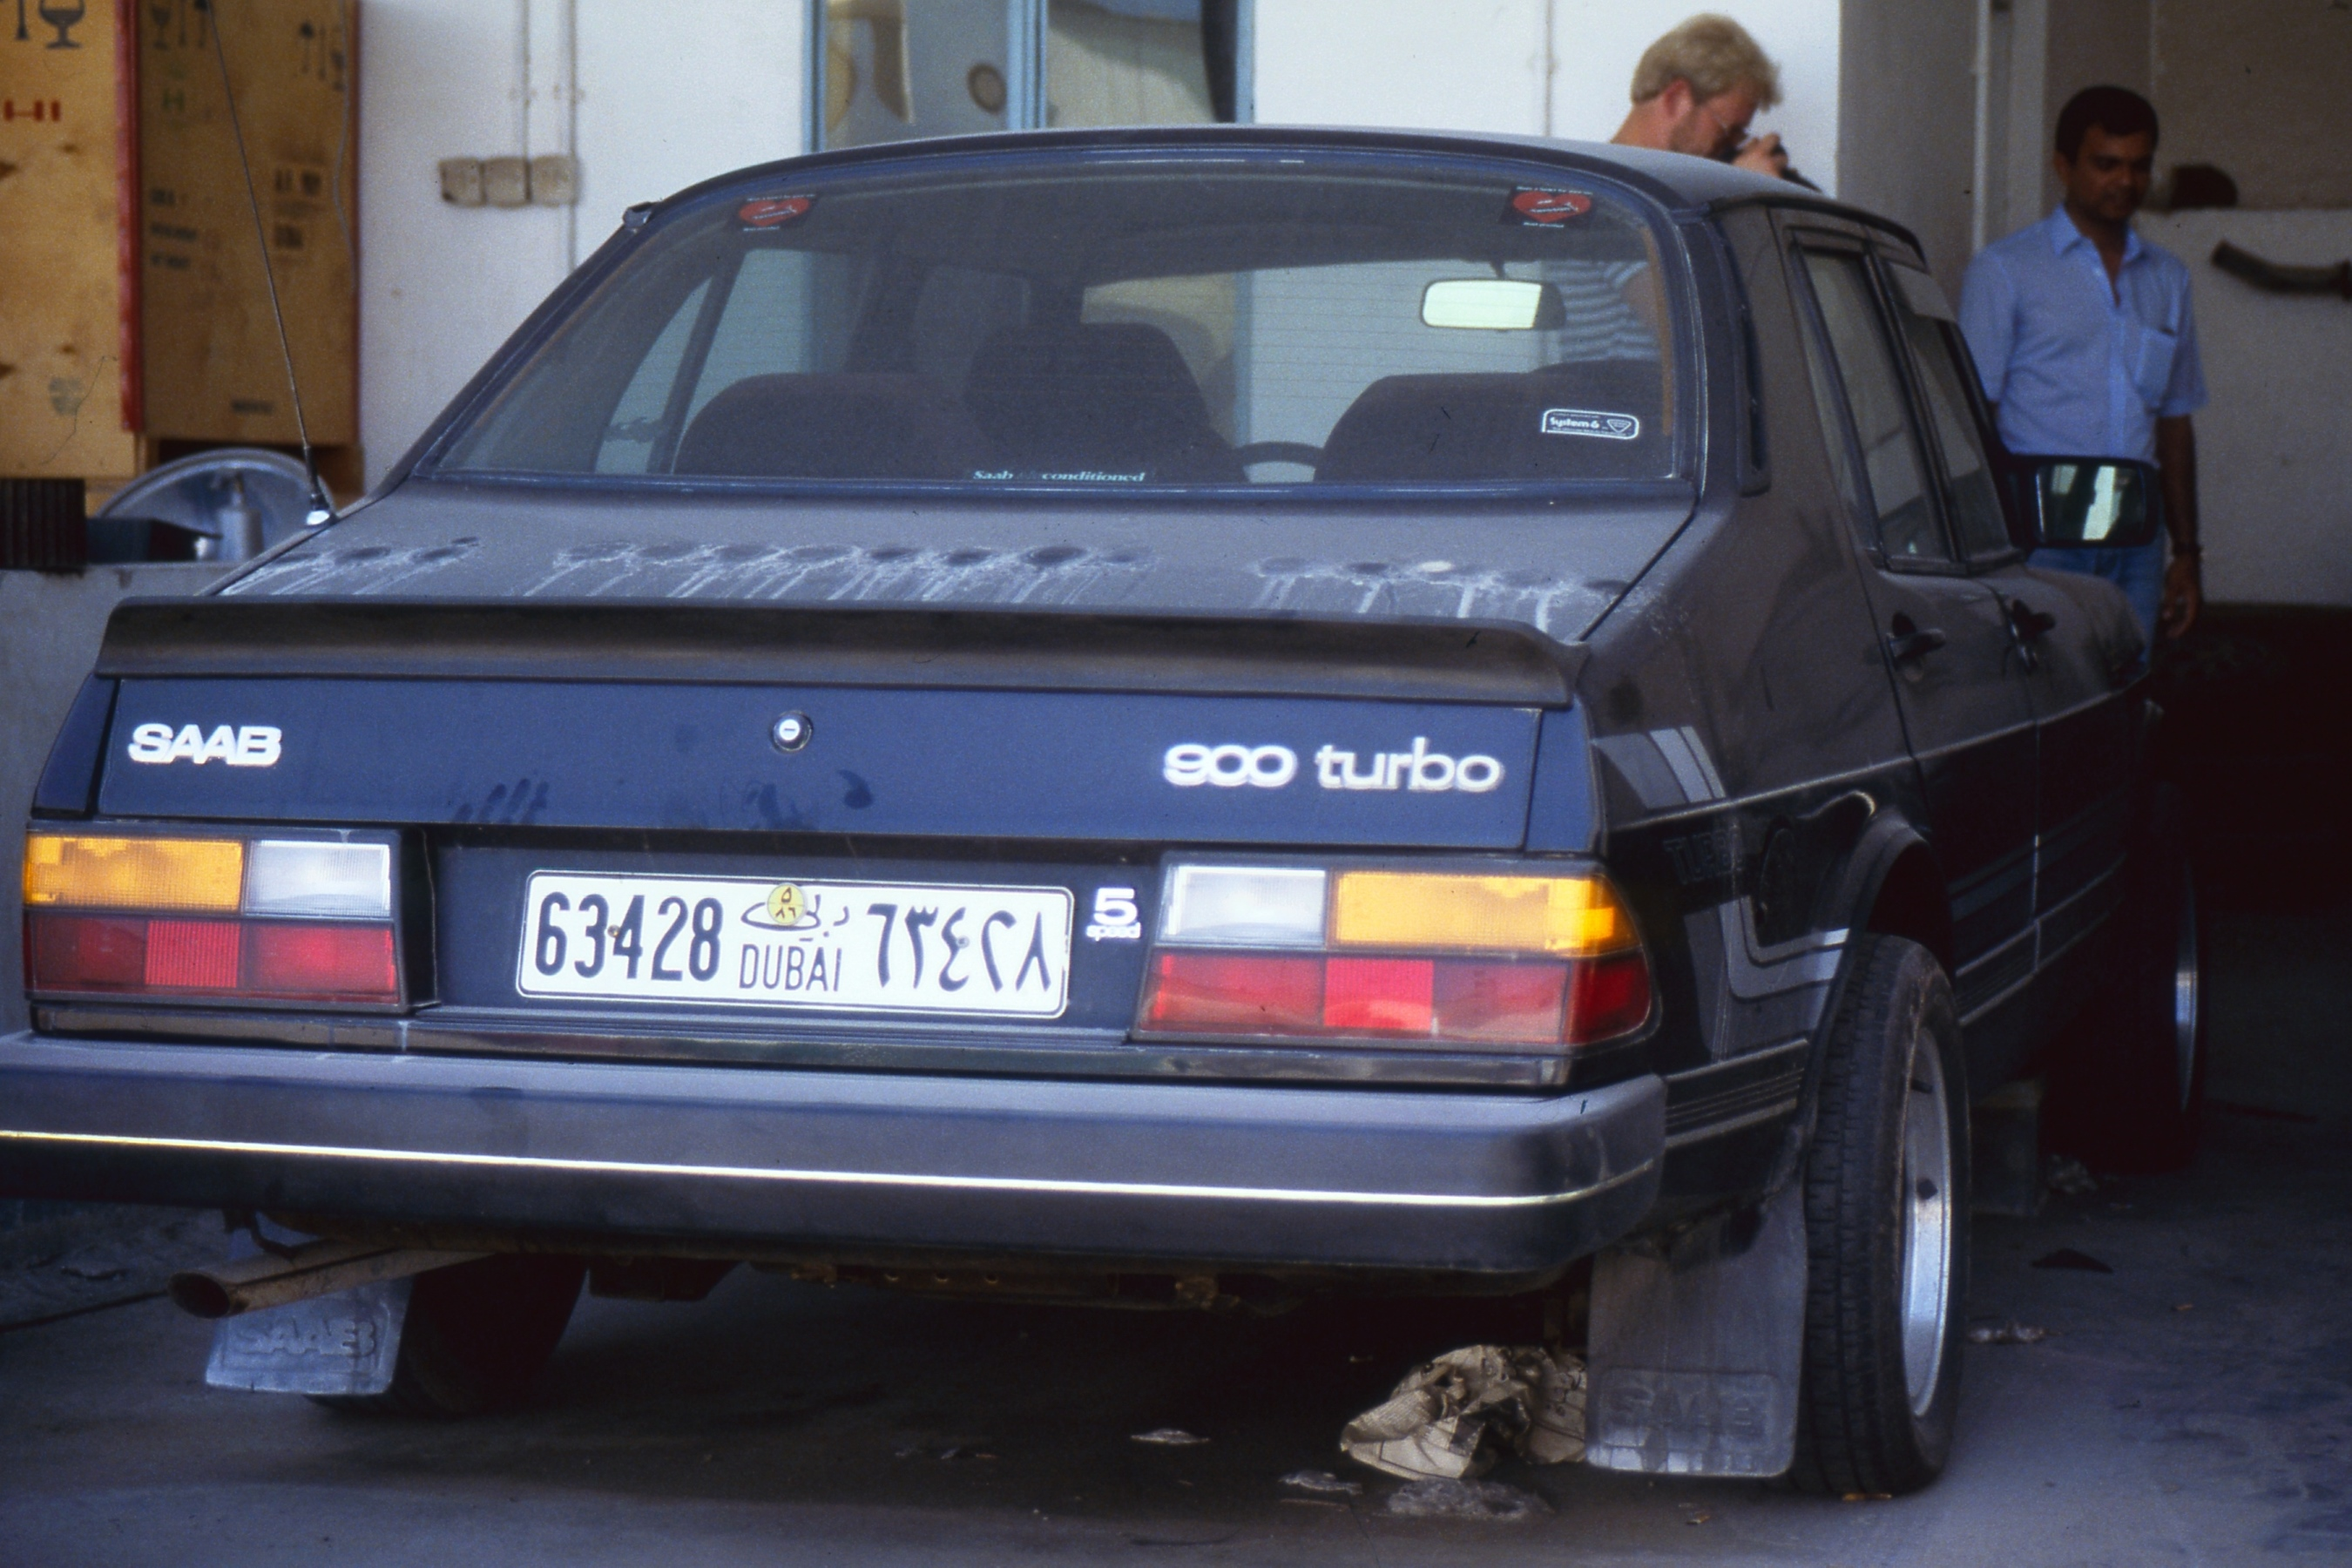 SAAB 900 vid besök hos återförsäljare i Dubai, Förenade Arabemiraten 1985. Donerat foto. Fotograf: Uno Dahl. Bildkälla: SAAB Car Museum.